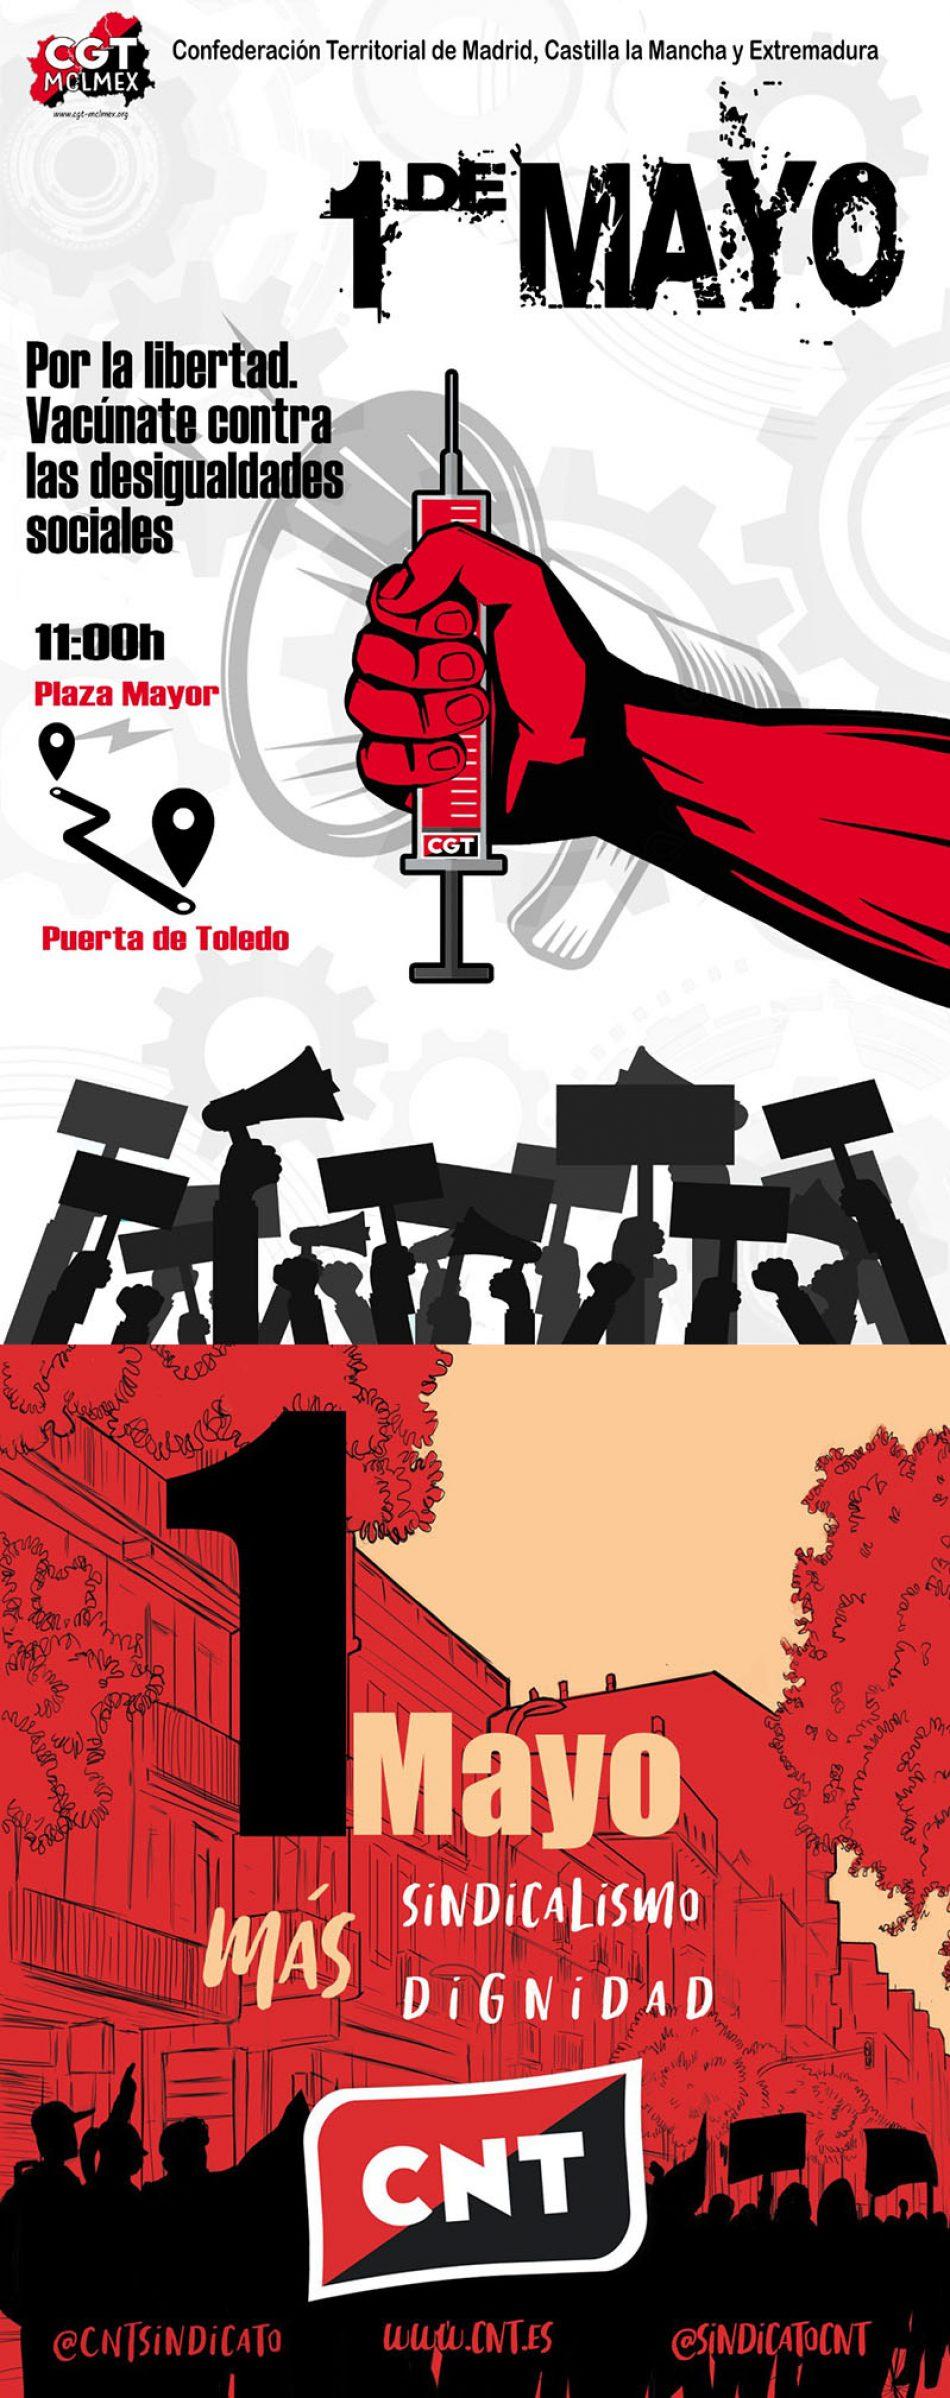 CNT y CGT vuelven a marchar juntos en Madrid el 1 de Mayo, desde la Plaza Mayor a la Puerta de Toledo